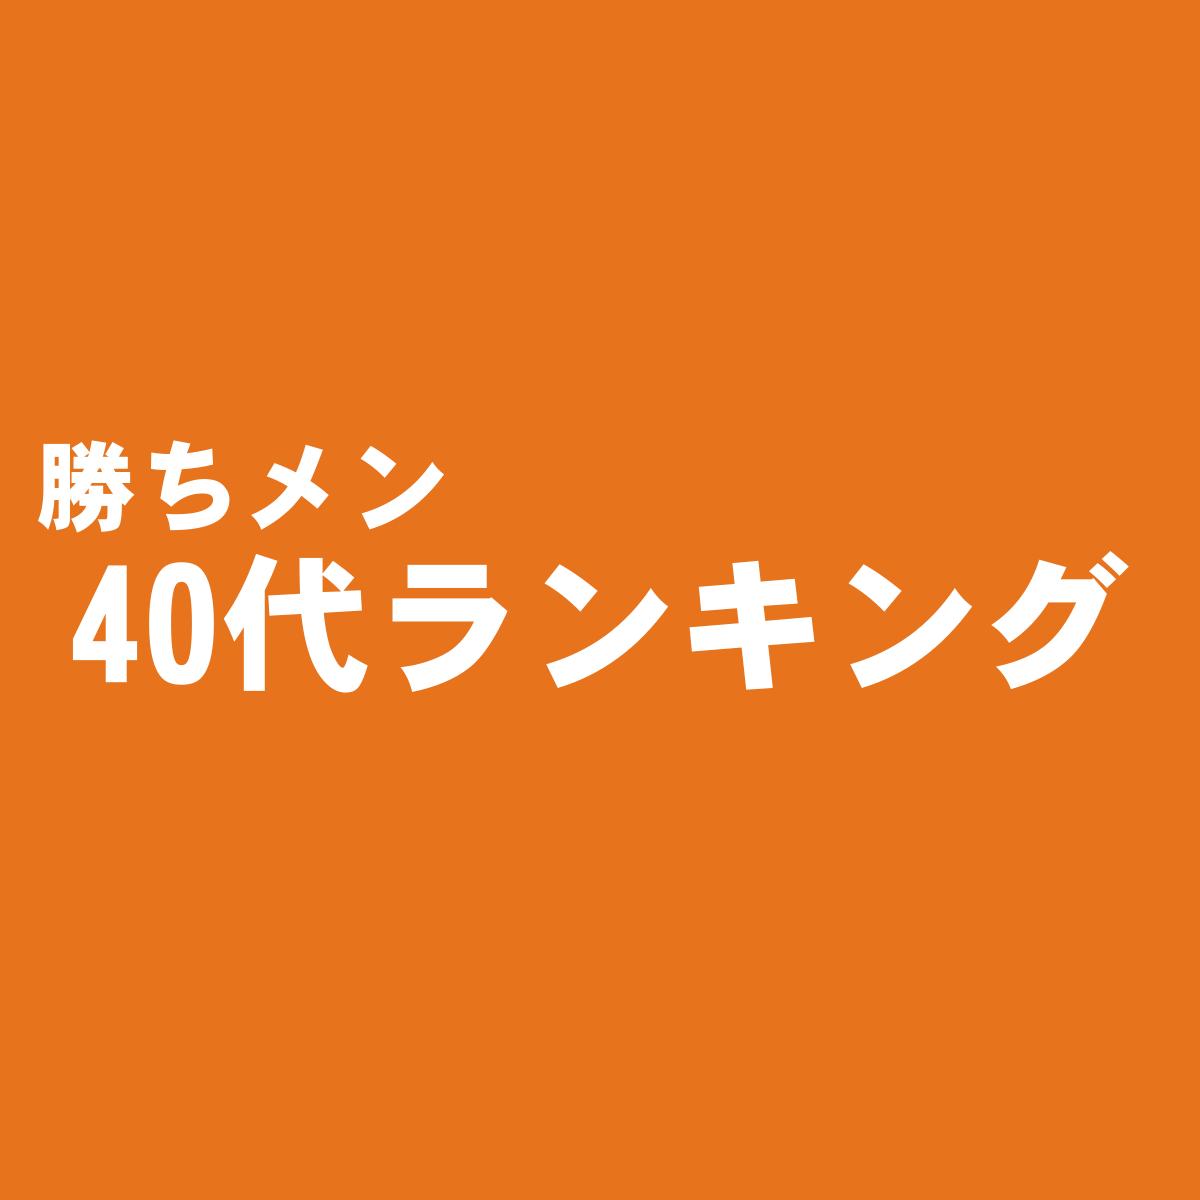 40代ランキング